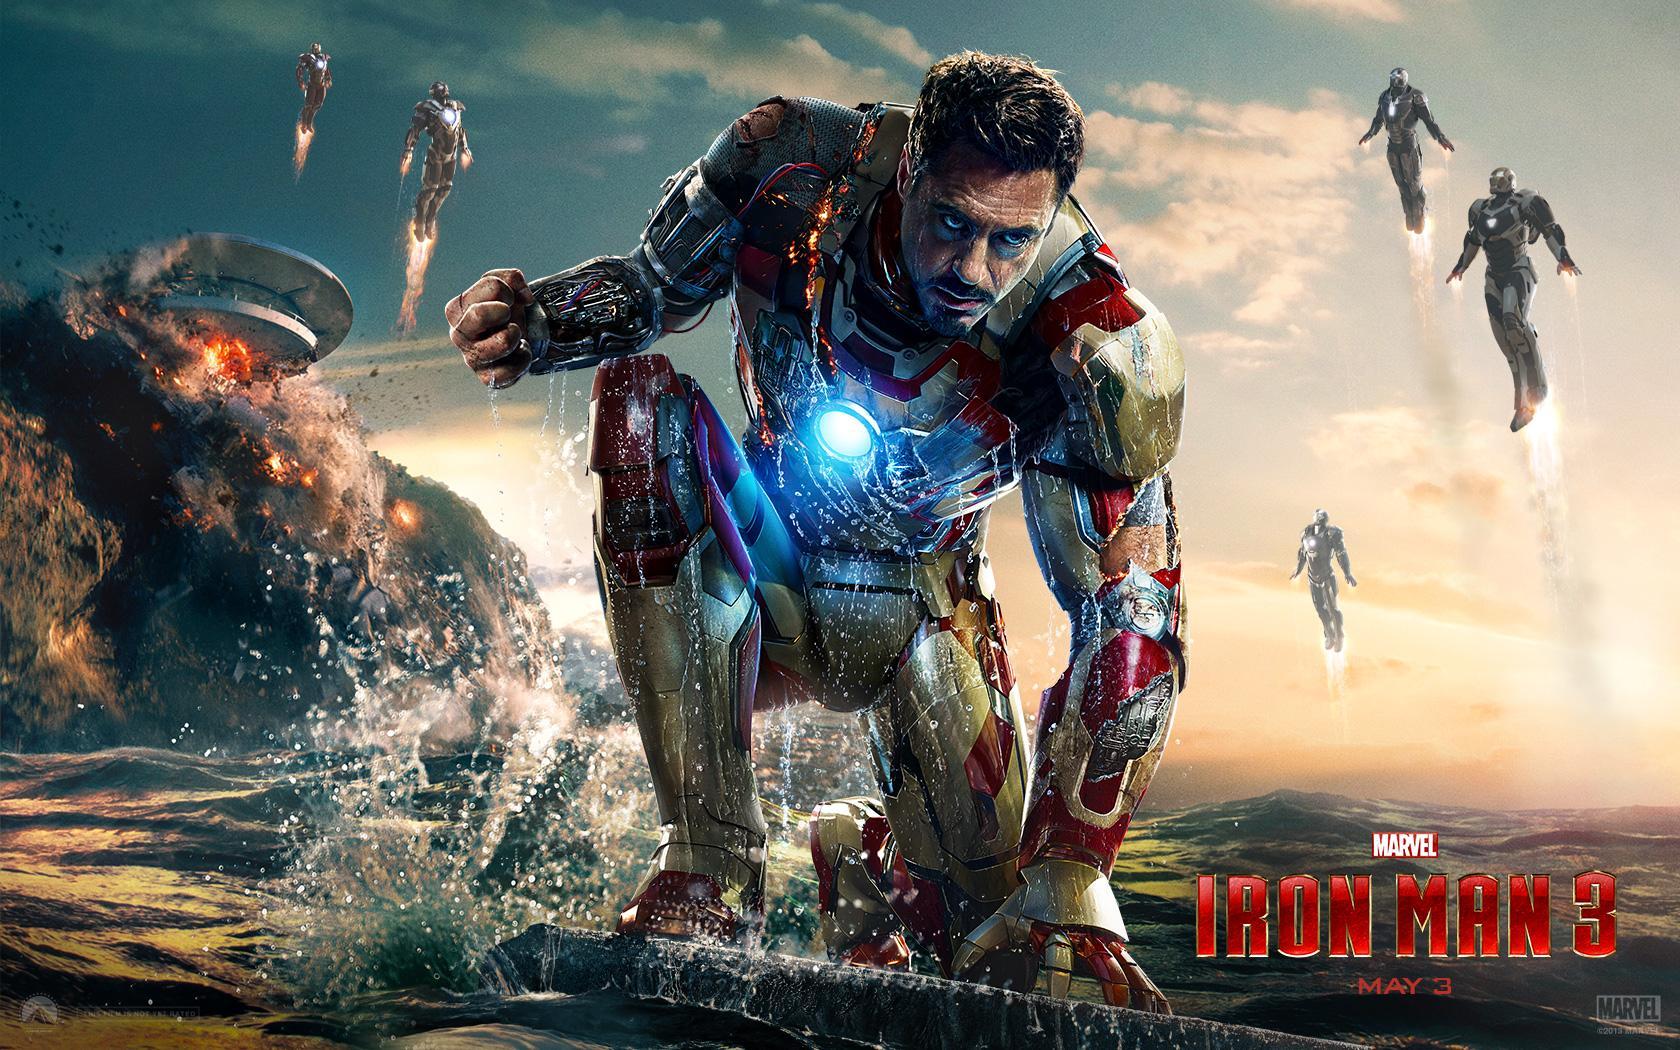 El director de Iron Man 3 quería a una mujer como villano y Marvel se negó